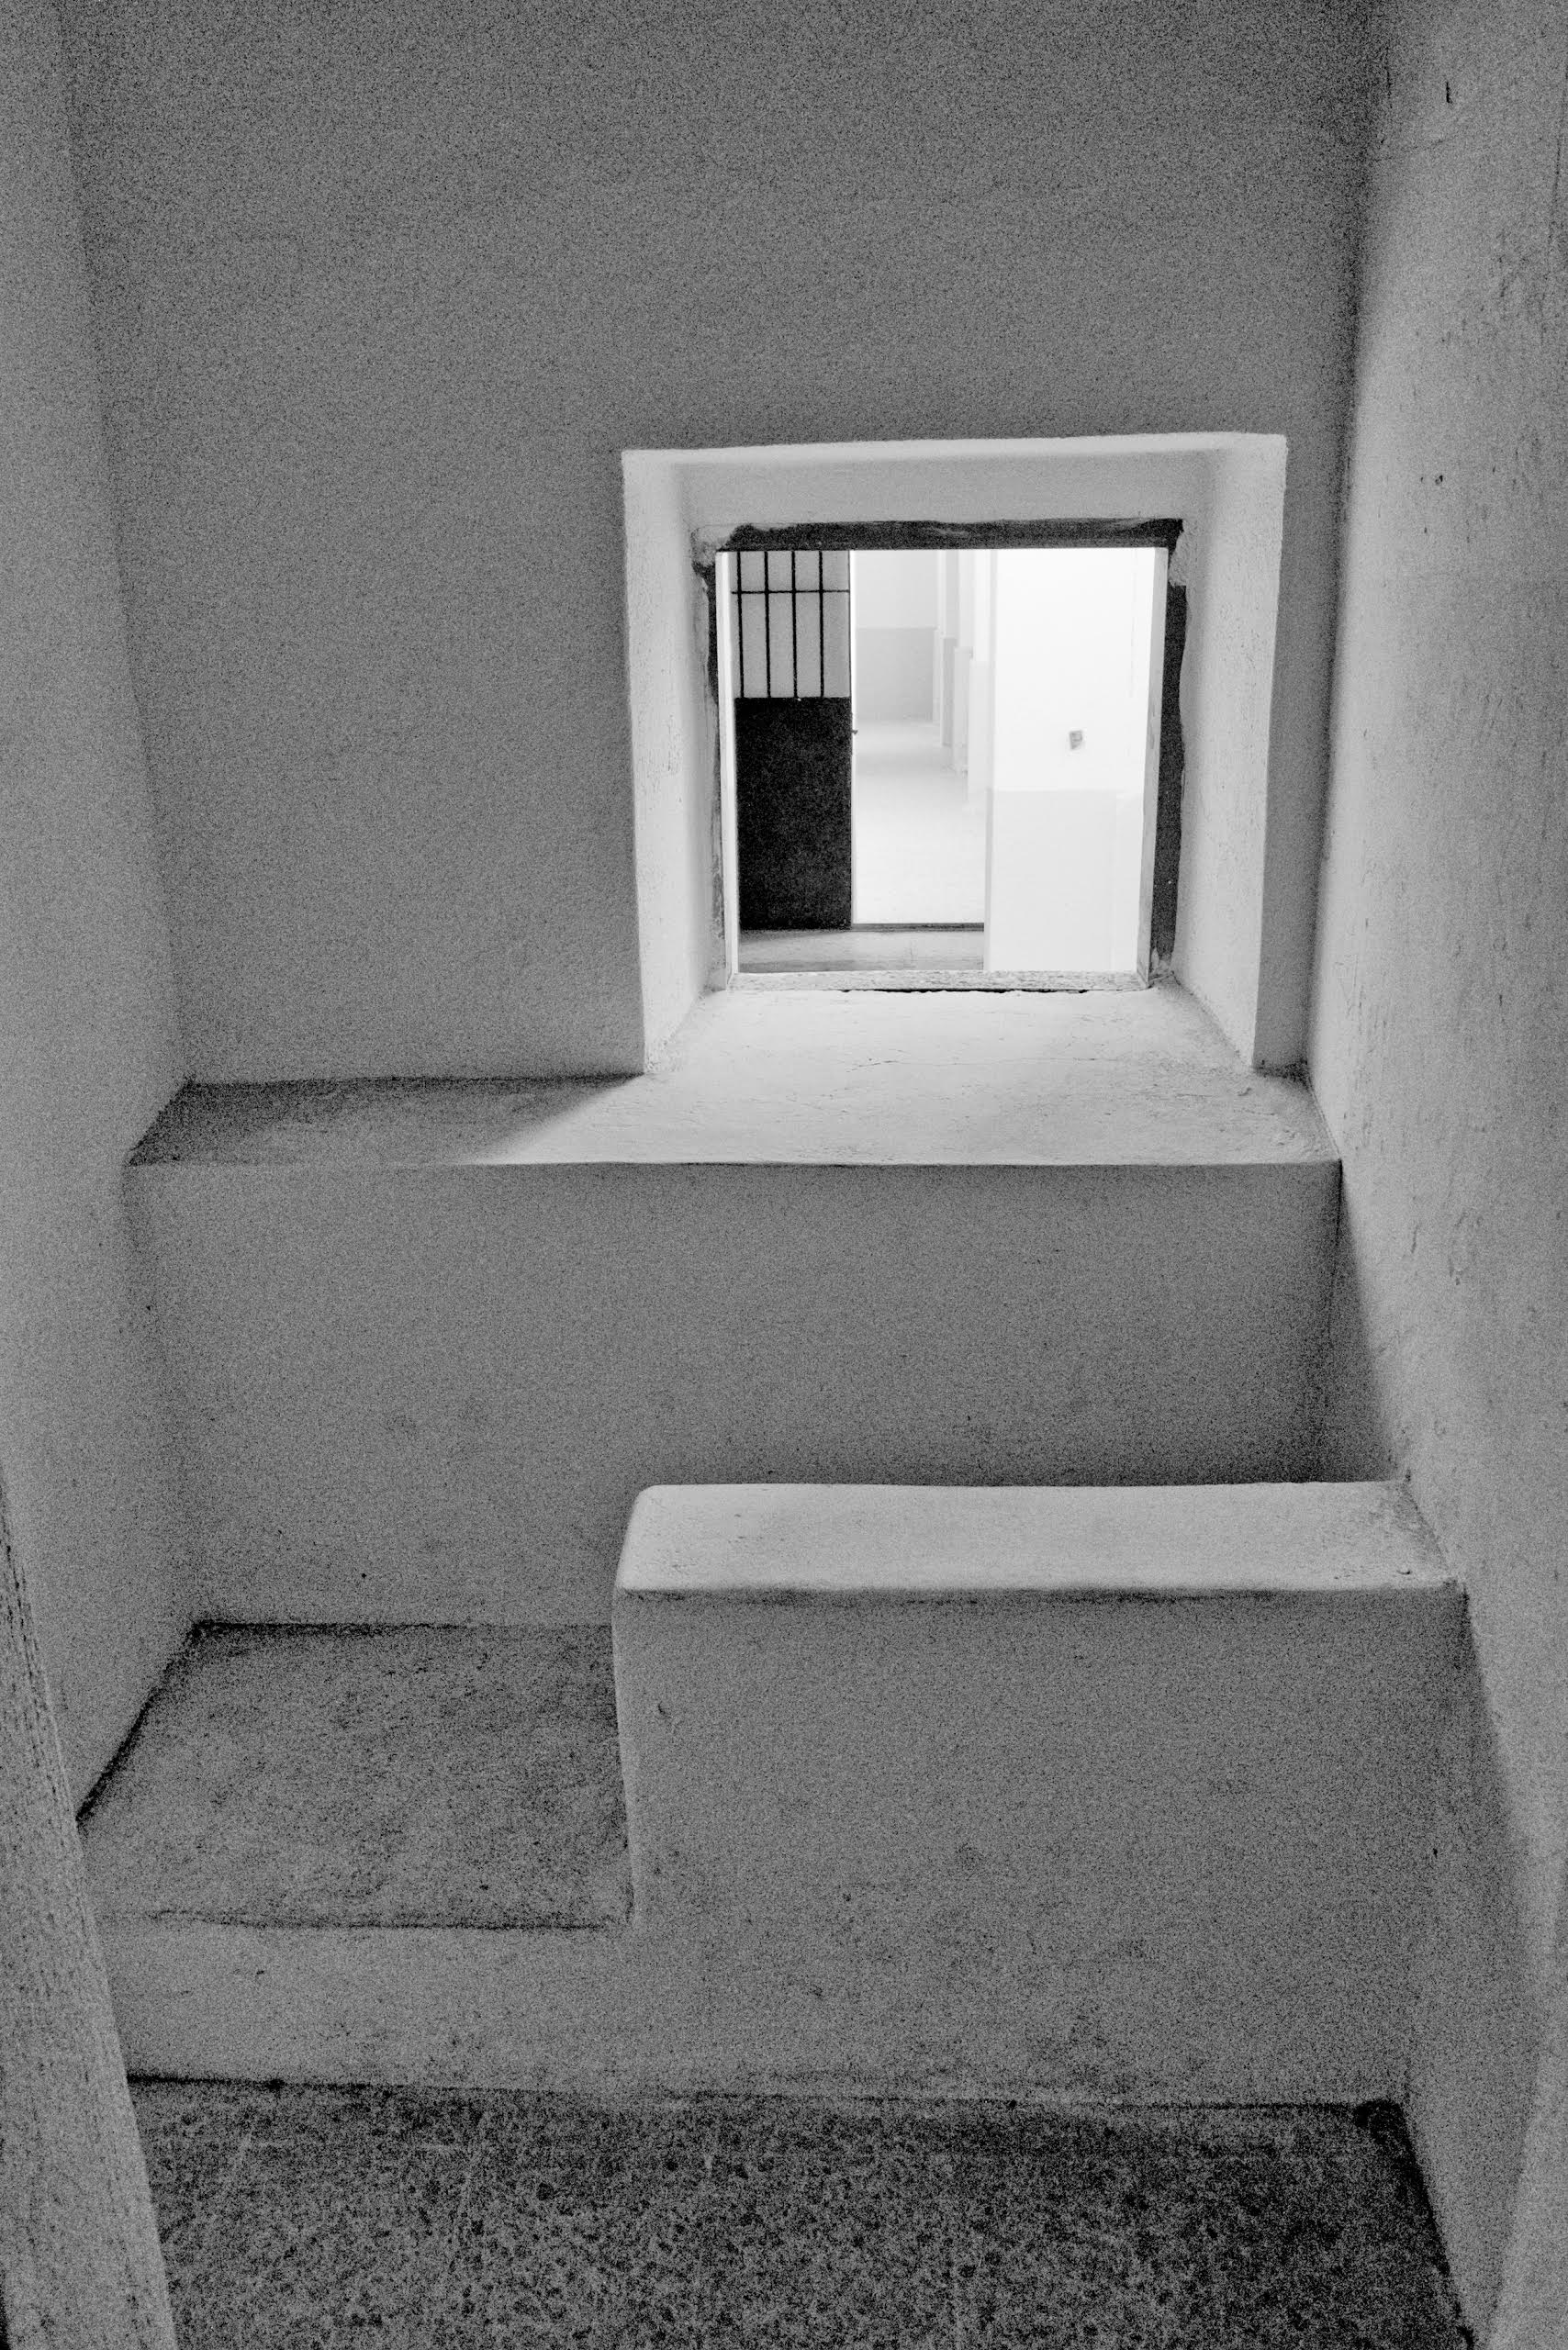 Antonello Pirodda utilizza la fotografia come mezzo espressivo dal 2008, anno in cui è nato il progetto SARDEGNE che è un compendio del suo lavoro fotografico ed è nato come work in progress.